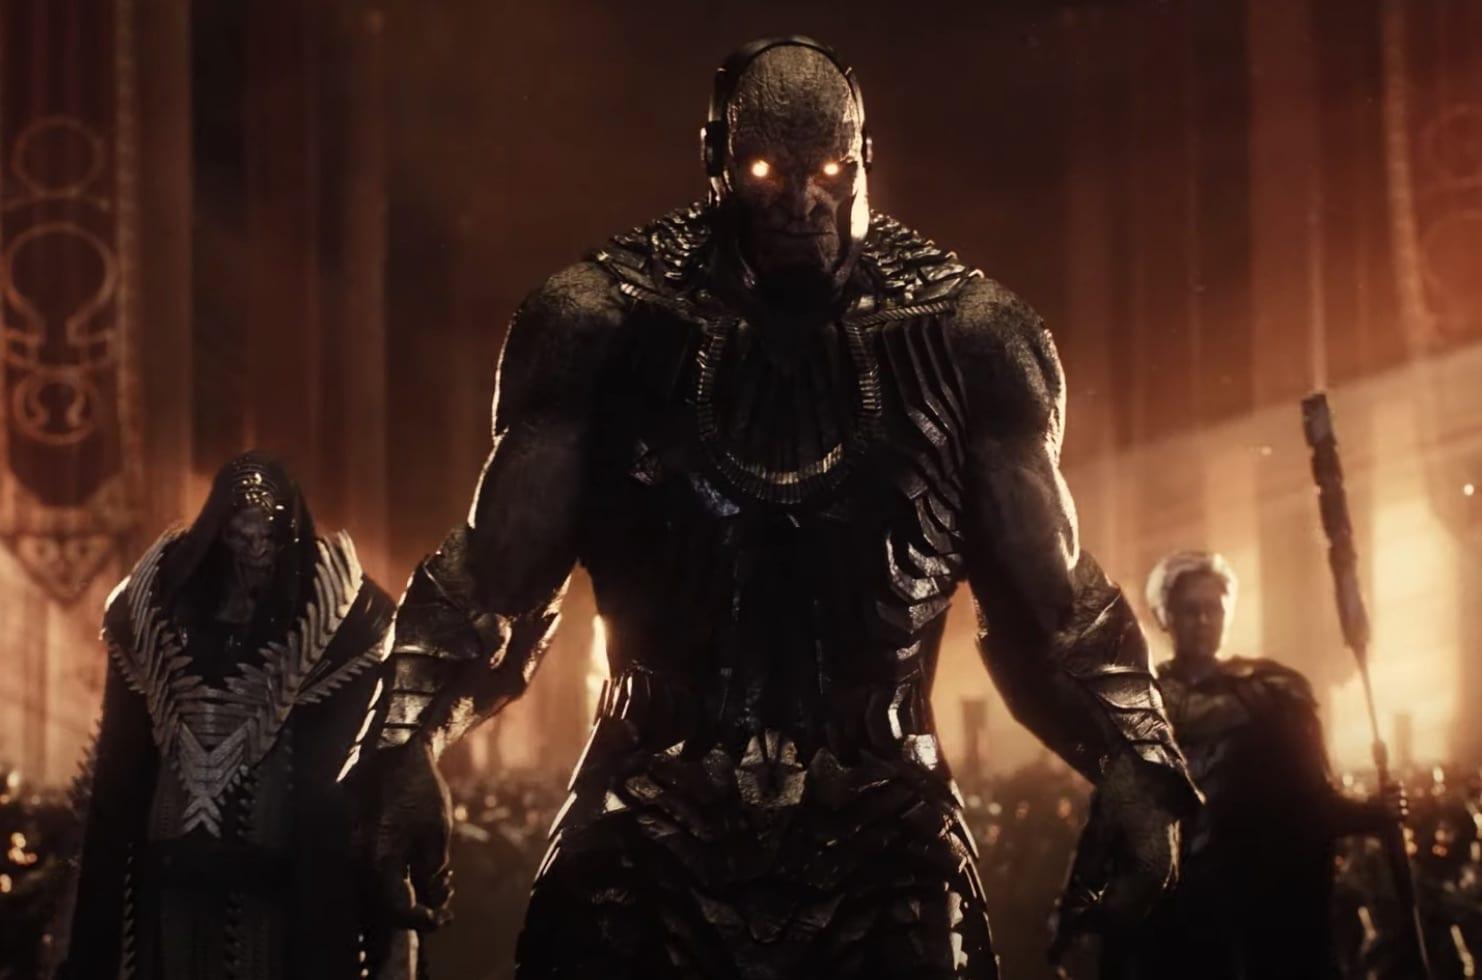 Justice League nuove immagini Darkseid